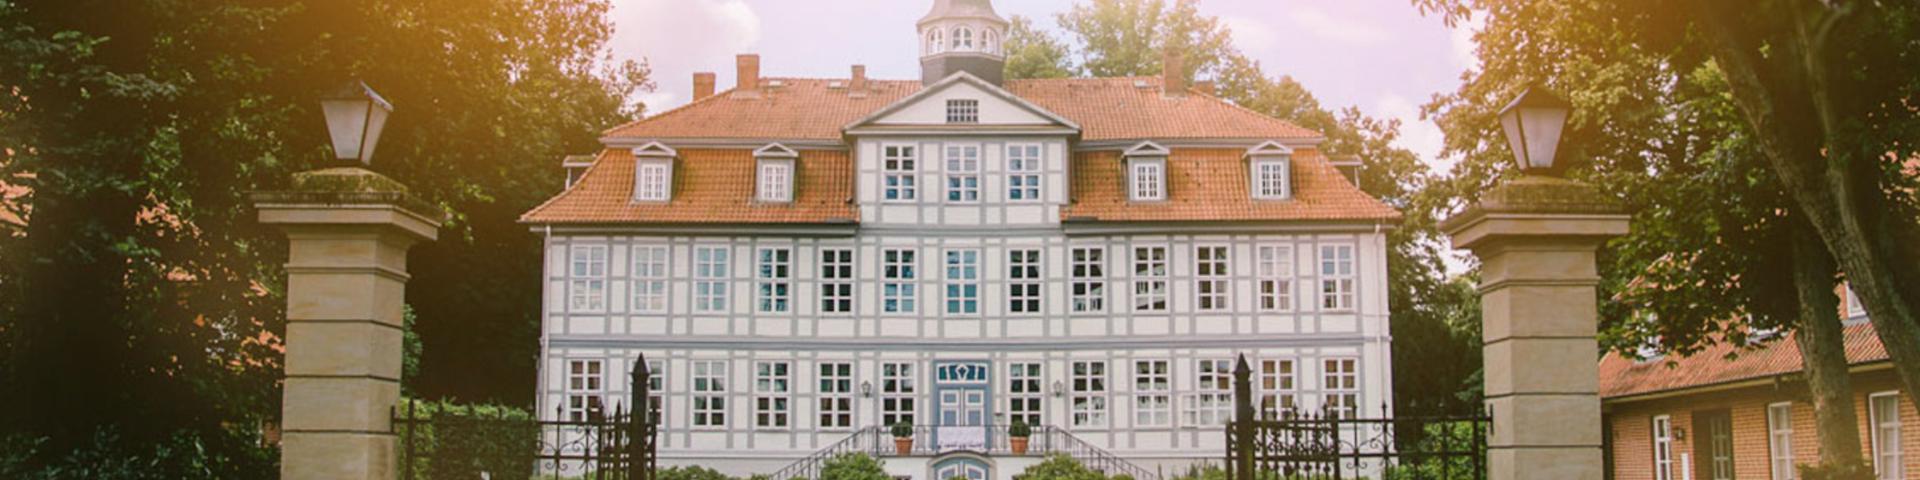 5 fantastiske tyske golfresorts du bare m bes ge. Black Bedroom Furniture Sets. Home Design Ideas